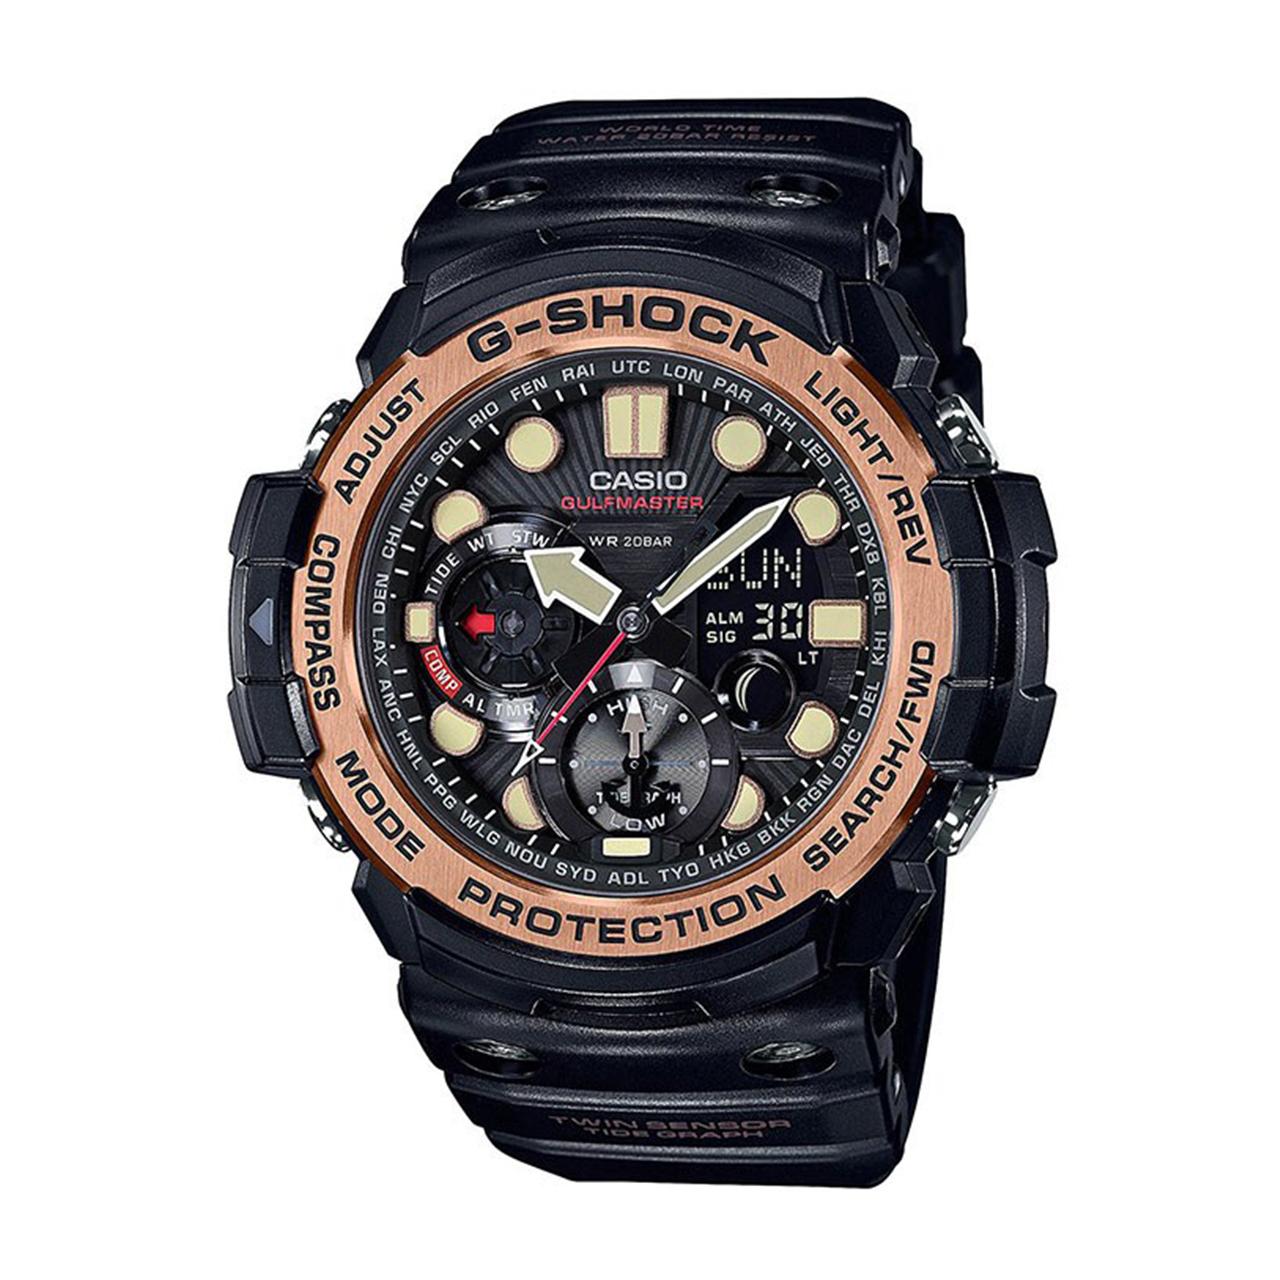 ساعت مچی  مردانه کاسیو جی شاک مدل GN-1000RG-1ADR              اصل